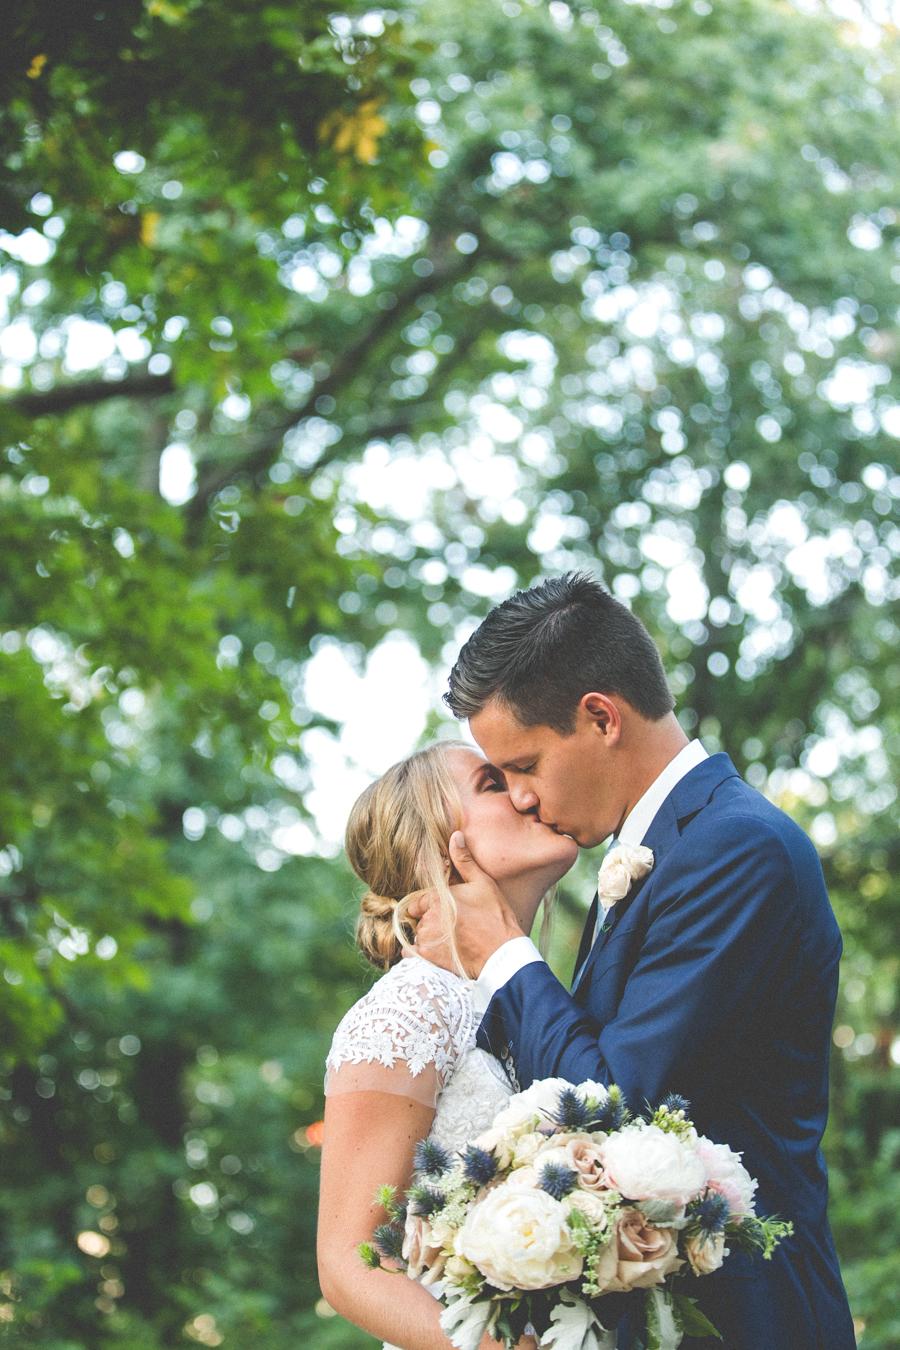 Bradi & James | Tulsa Wedding Photography | BlogBradi & James | Tulsa Wedding Photography | Blog-1-21